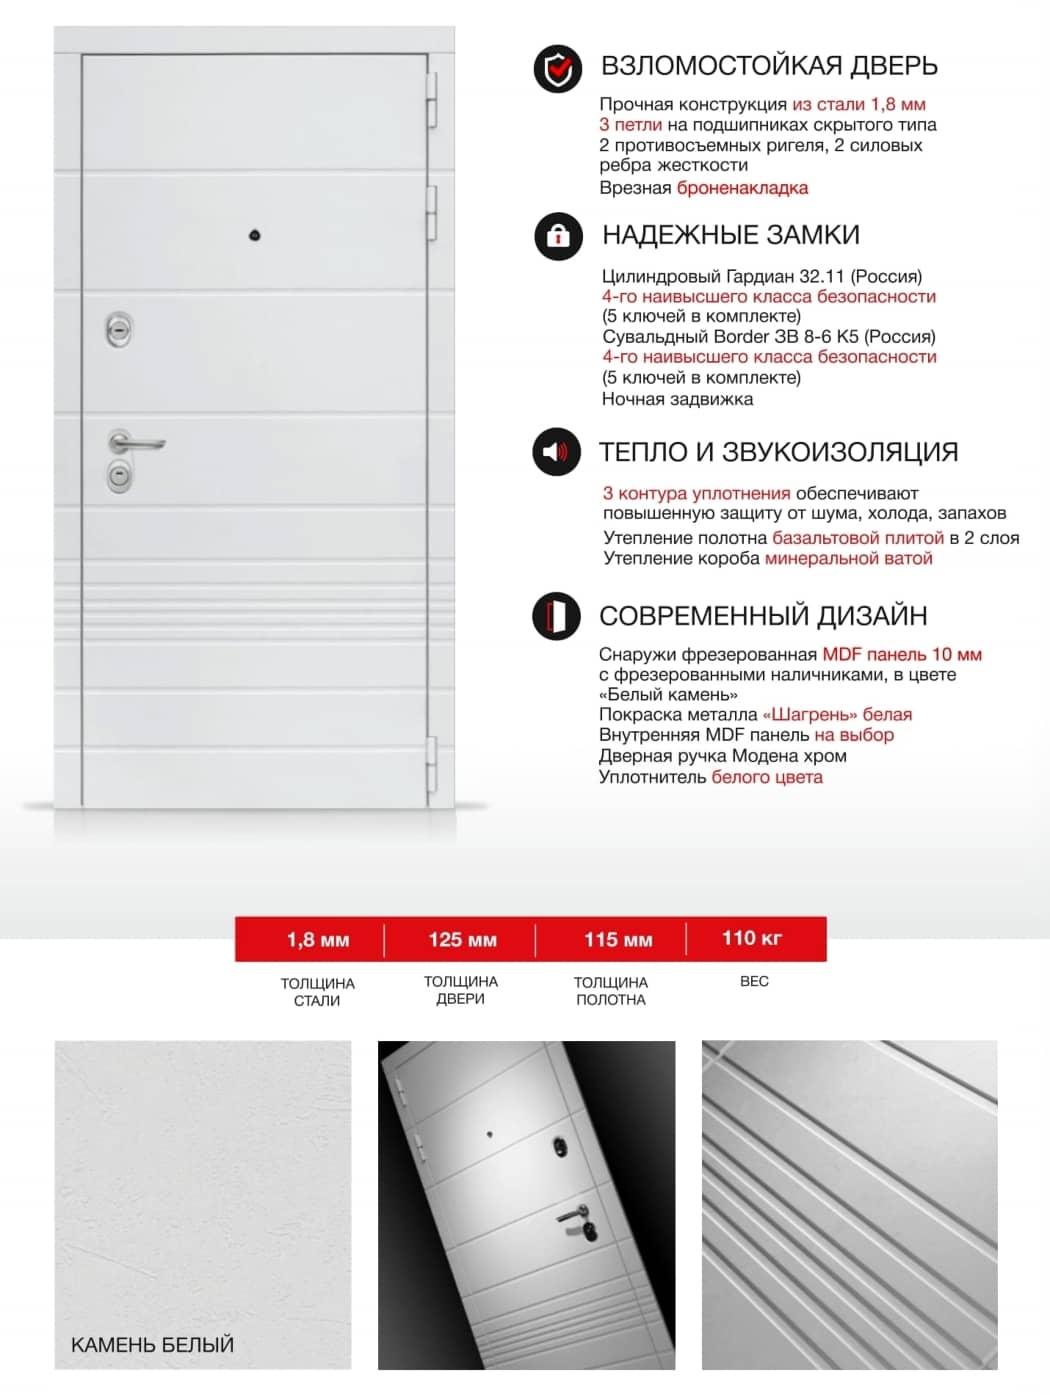 входная дверь с белой коробкой, двери входные металлические белые снаружи, входная дверь белого цвета купить, входная дверь белый бетон, дверь трендо, входные двери с белой внутренней панелью, входная дверь лабиринт trendo